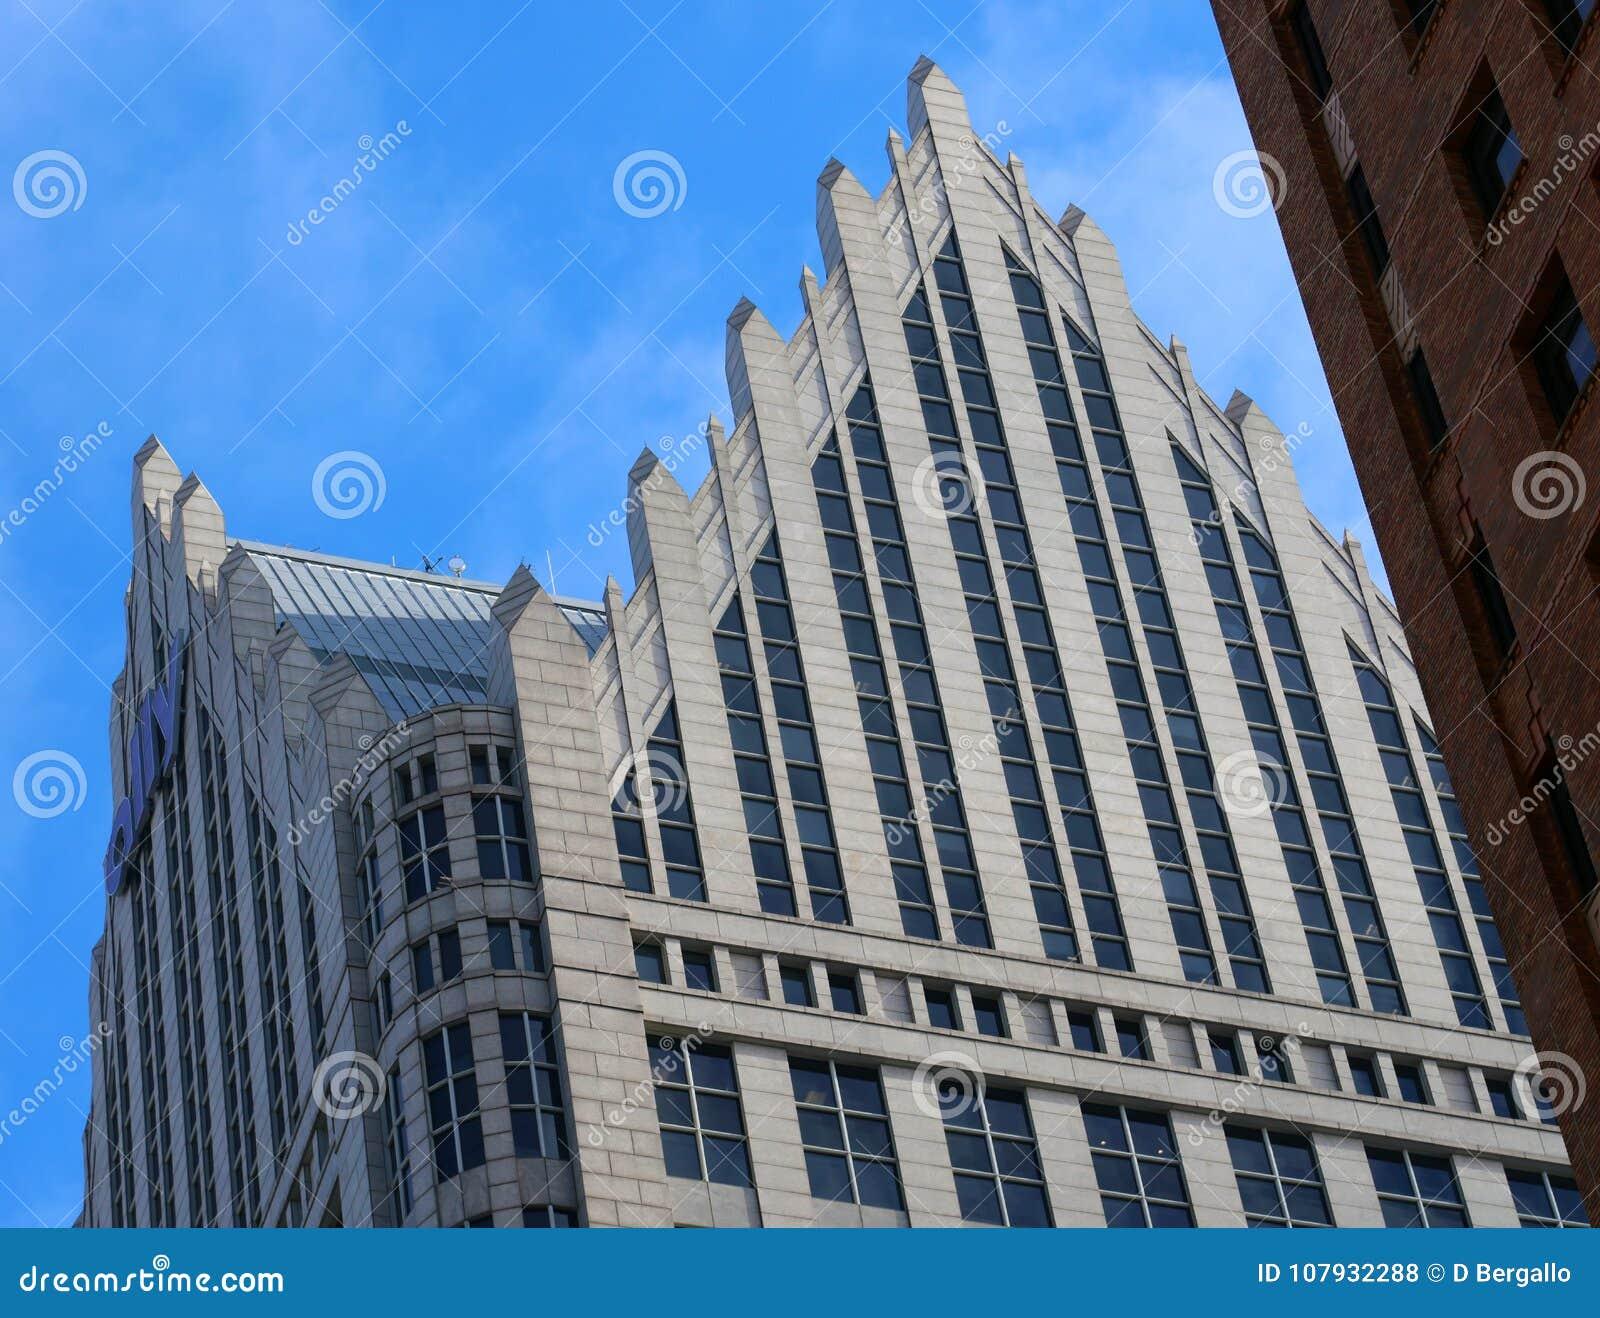 Να ενσωματώσει τη στο κέντρο της πόλης κλασσική αρχιτεκτονική του Ντιτρόιτ